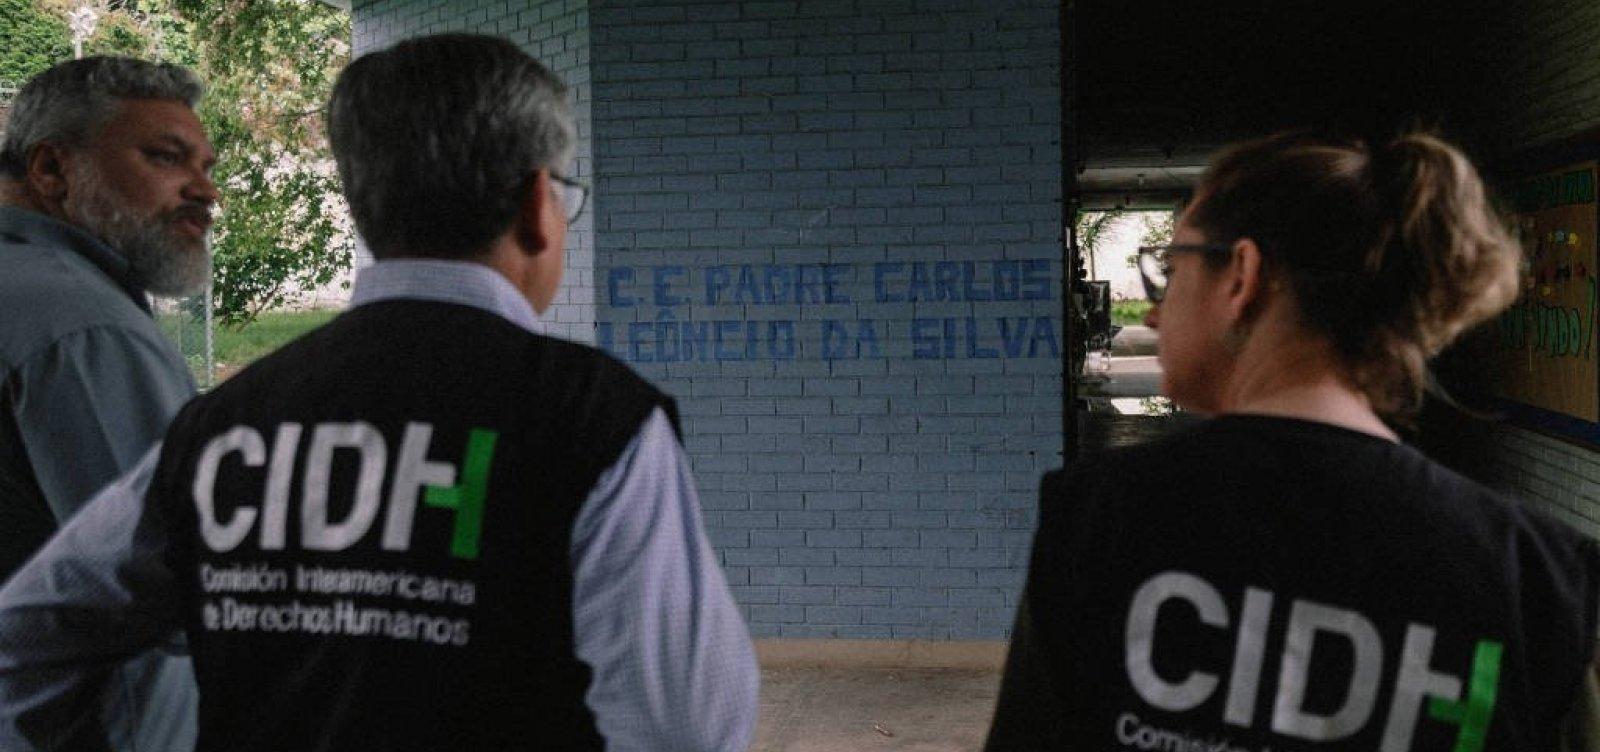 [OEA aponta que o Brasil vive retrocesso nos direitos humanos]